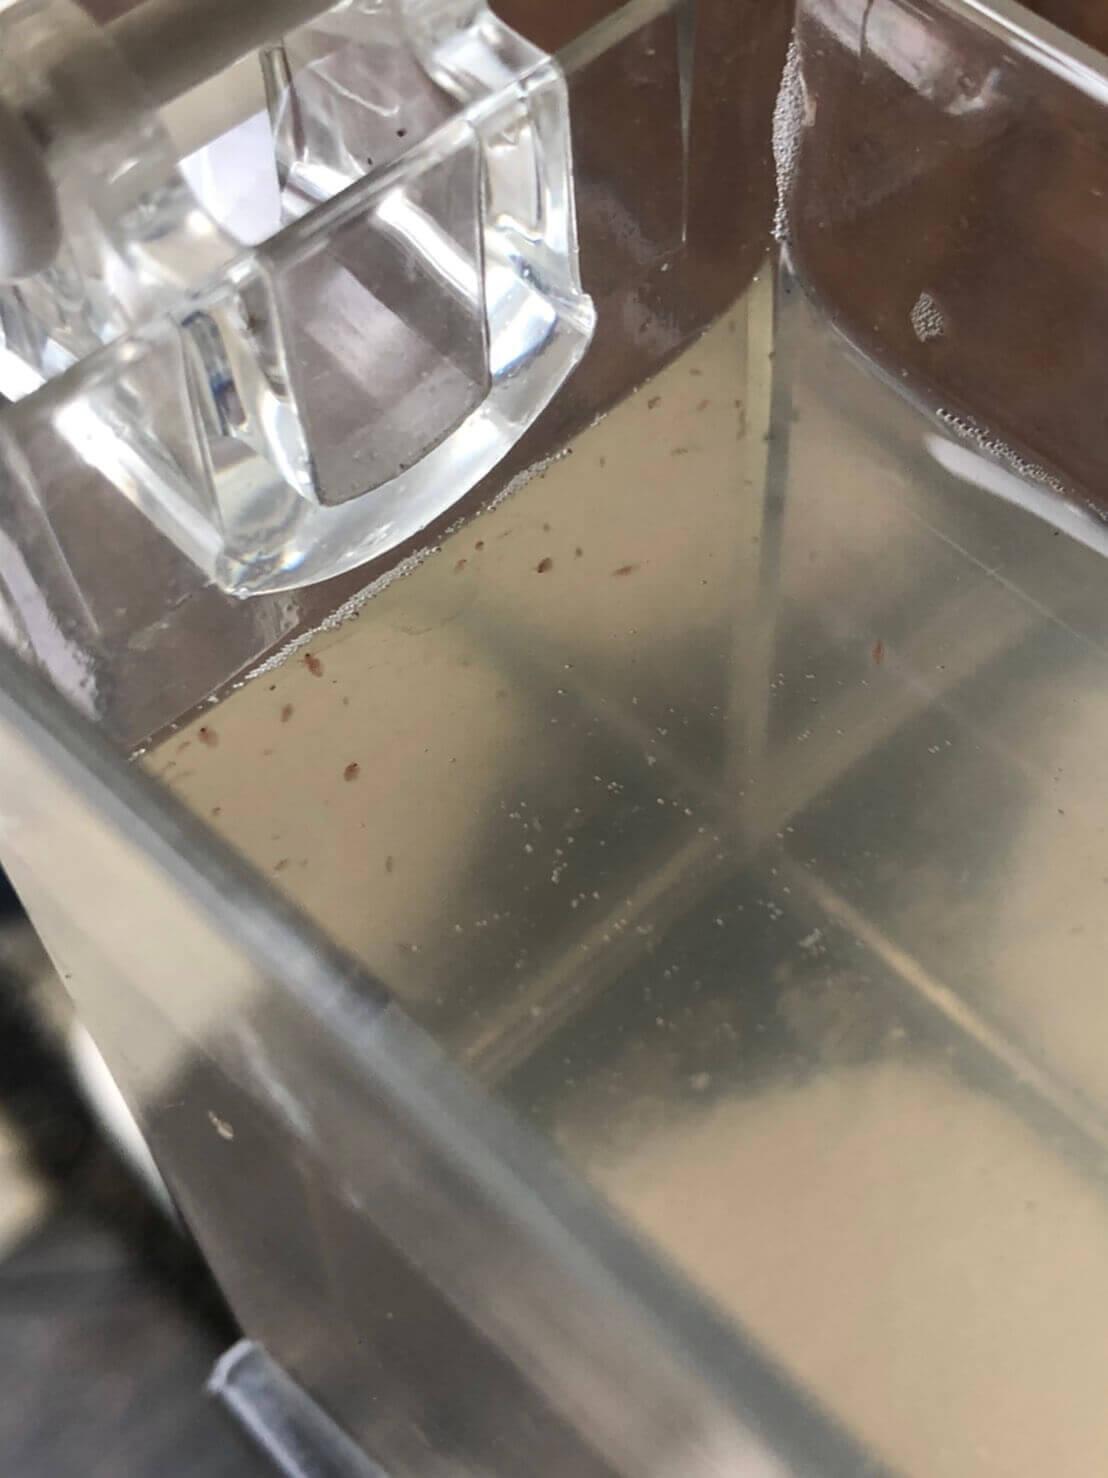 クロレラとエビオス錠を使ったミジンコ培養実験(2020年9月)1日目12時間経過